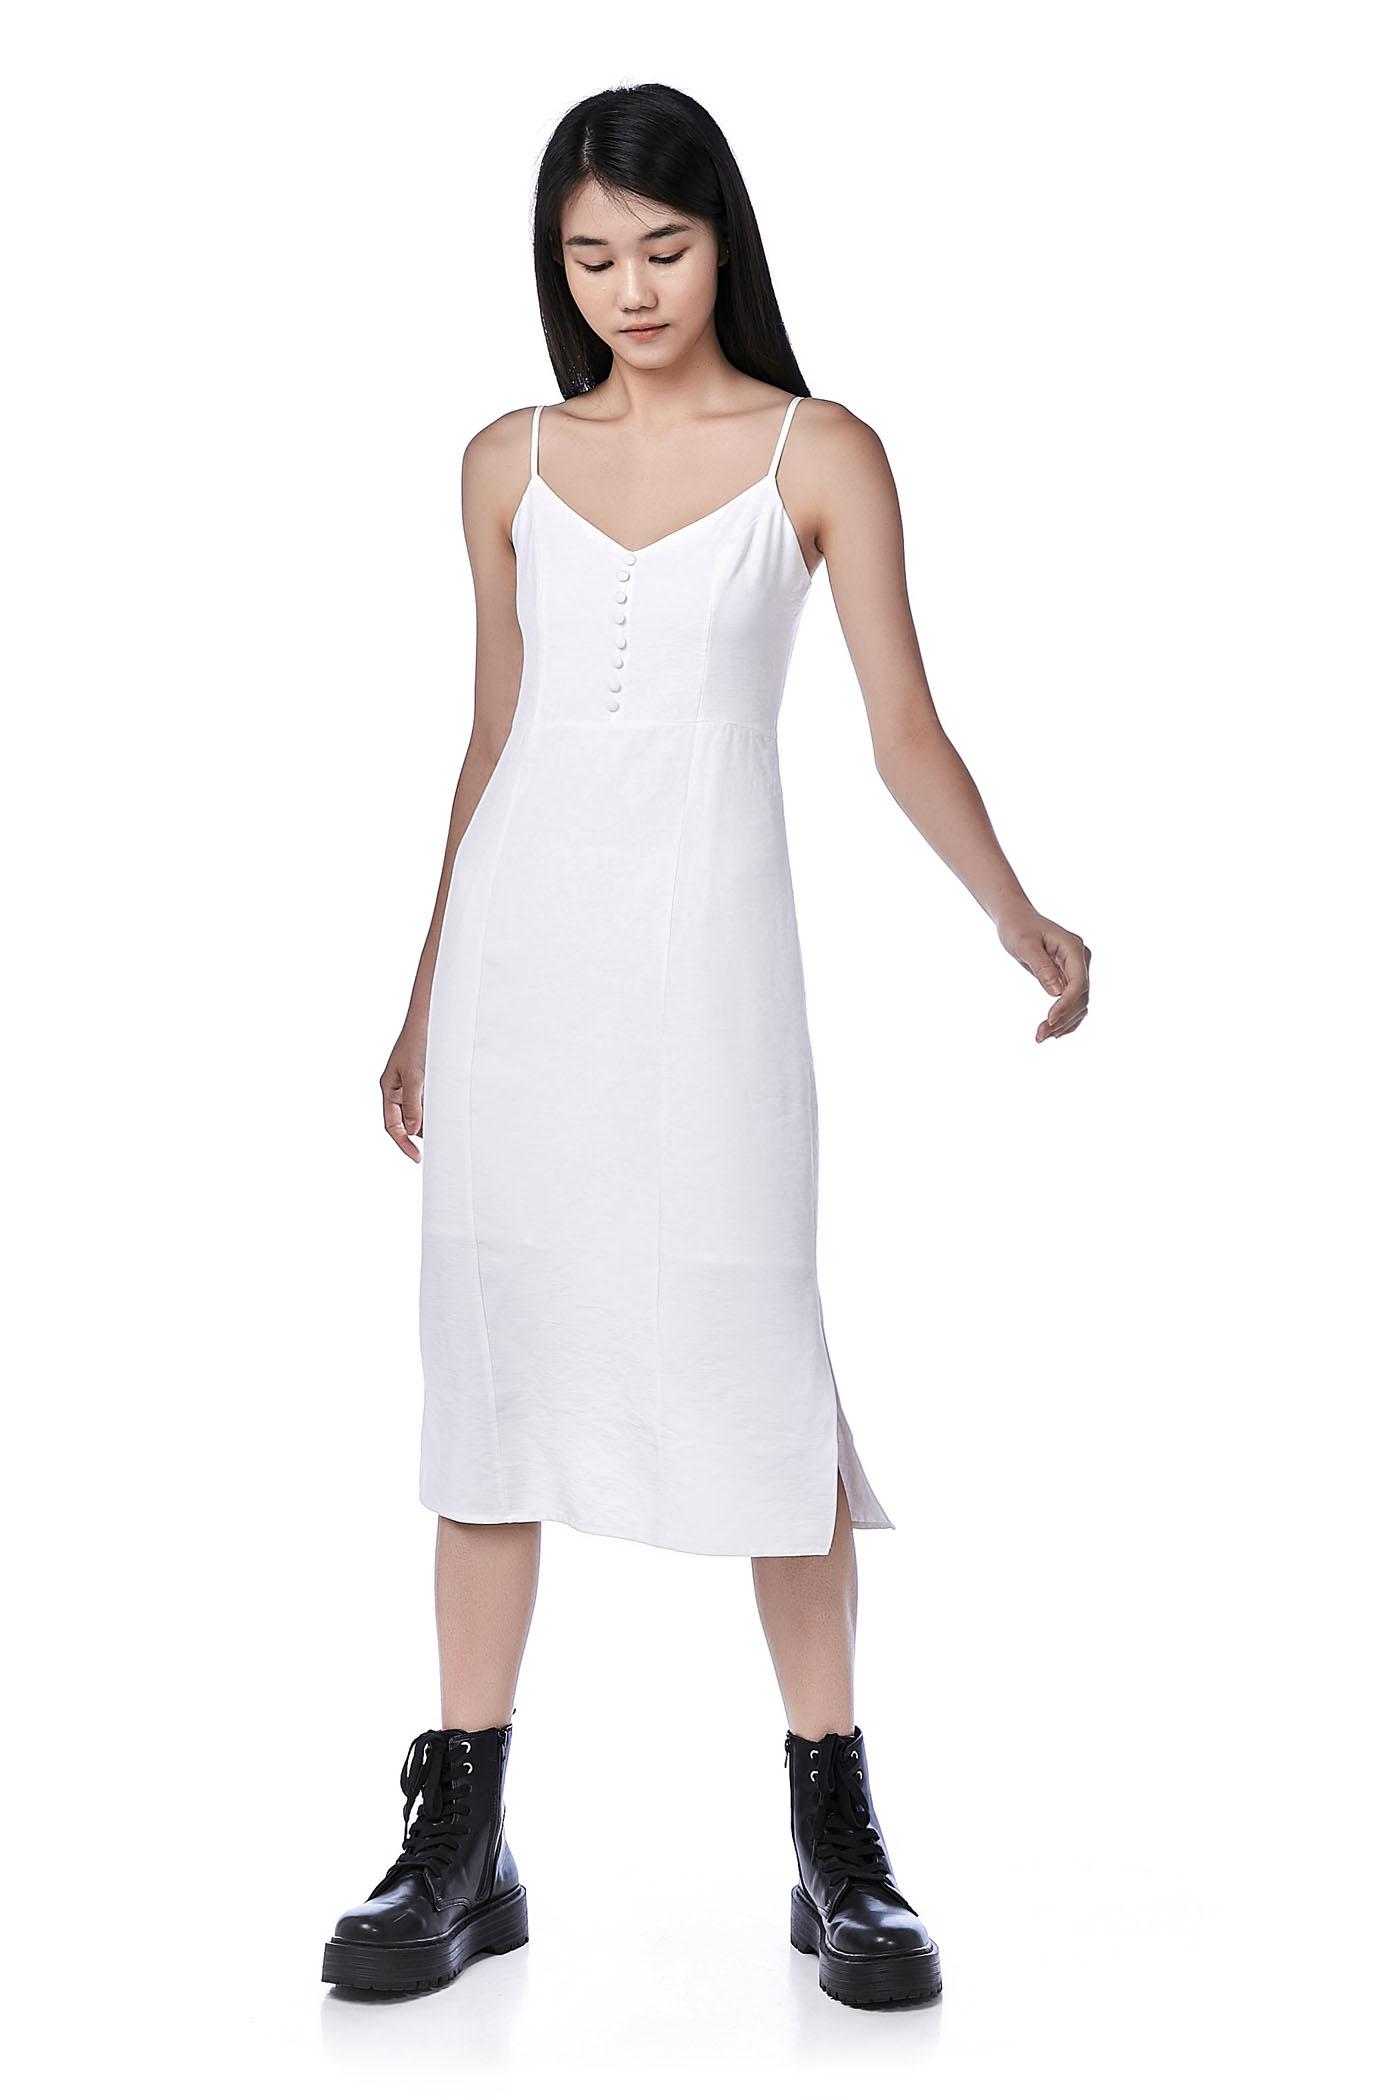 Varene Cami Slit Dress